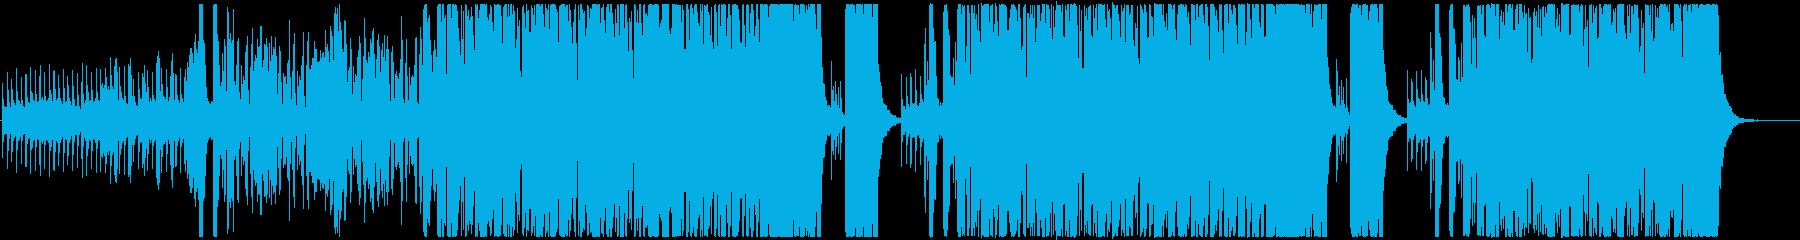 オーケストラ調のハロウィン風BGMの再生済みの波形